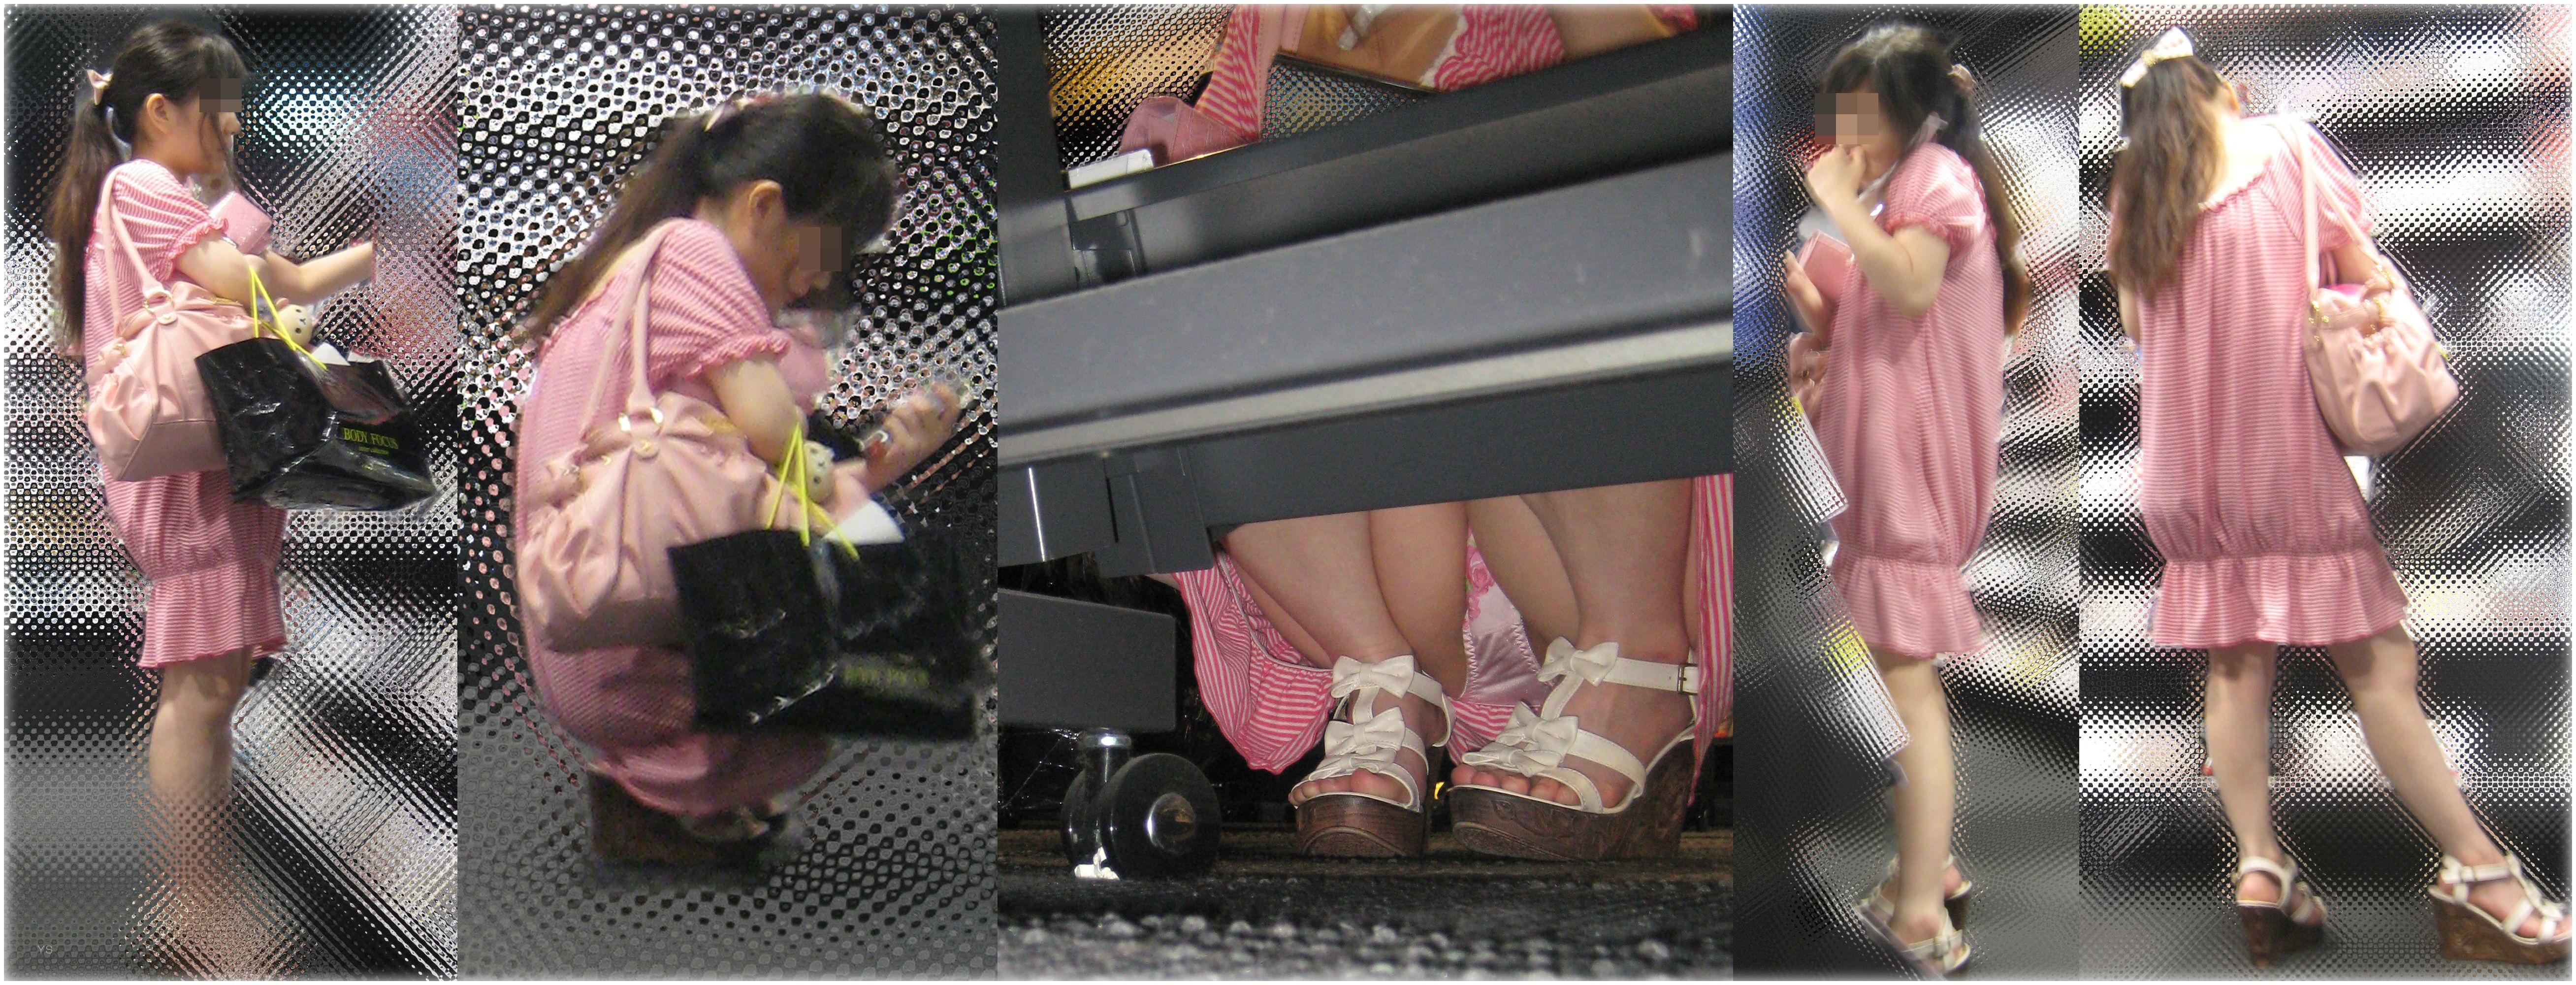 【パンチラエロ画像】棚の下から座るミニスカ女子のパンツを商品そっちのけでガン見www 30